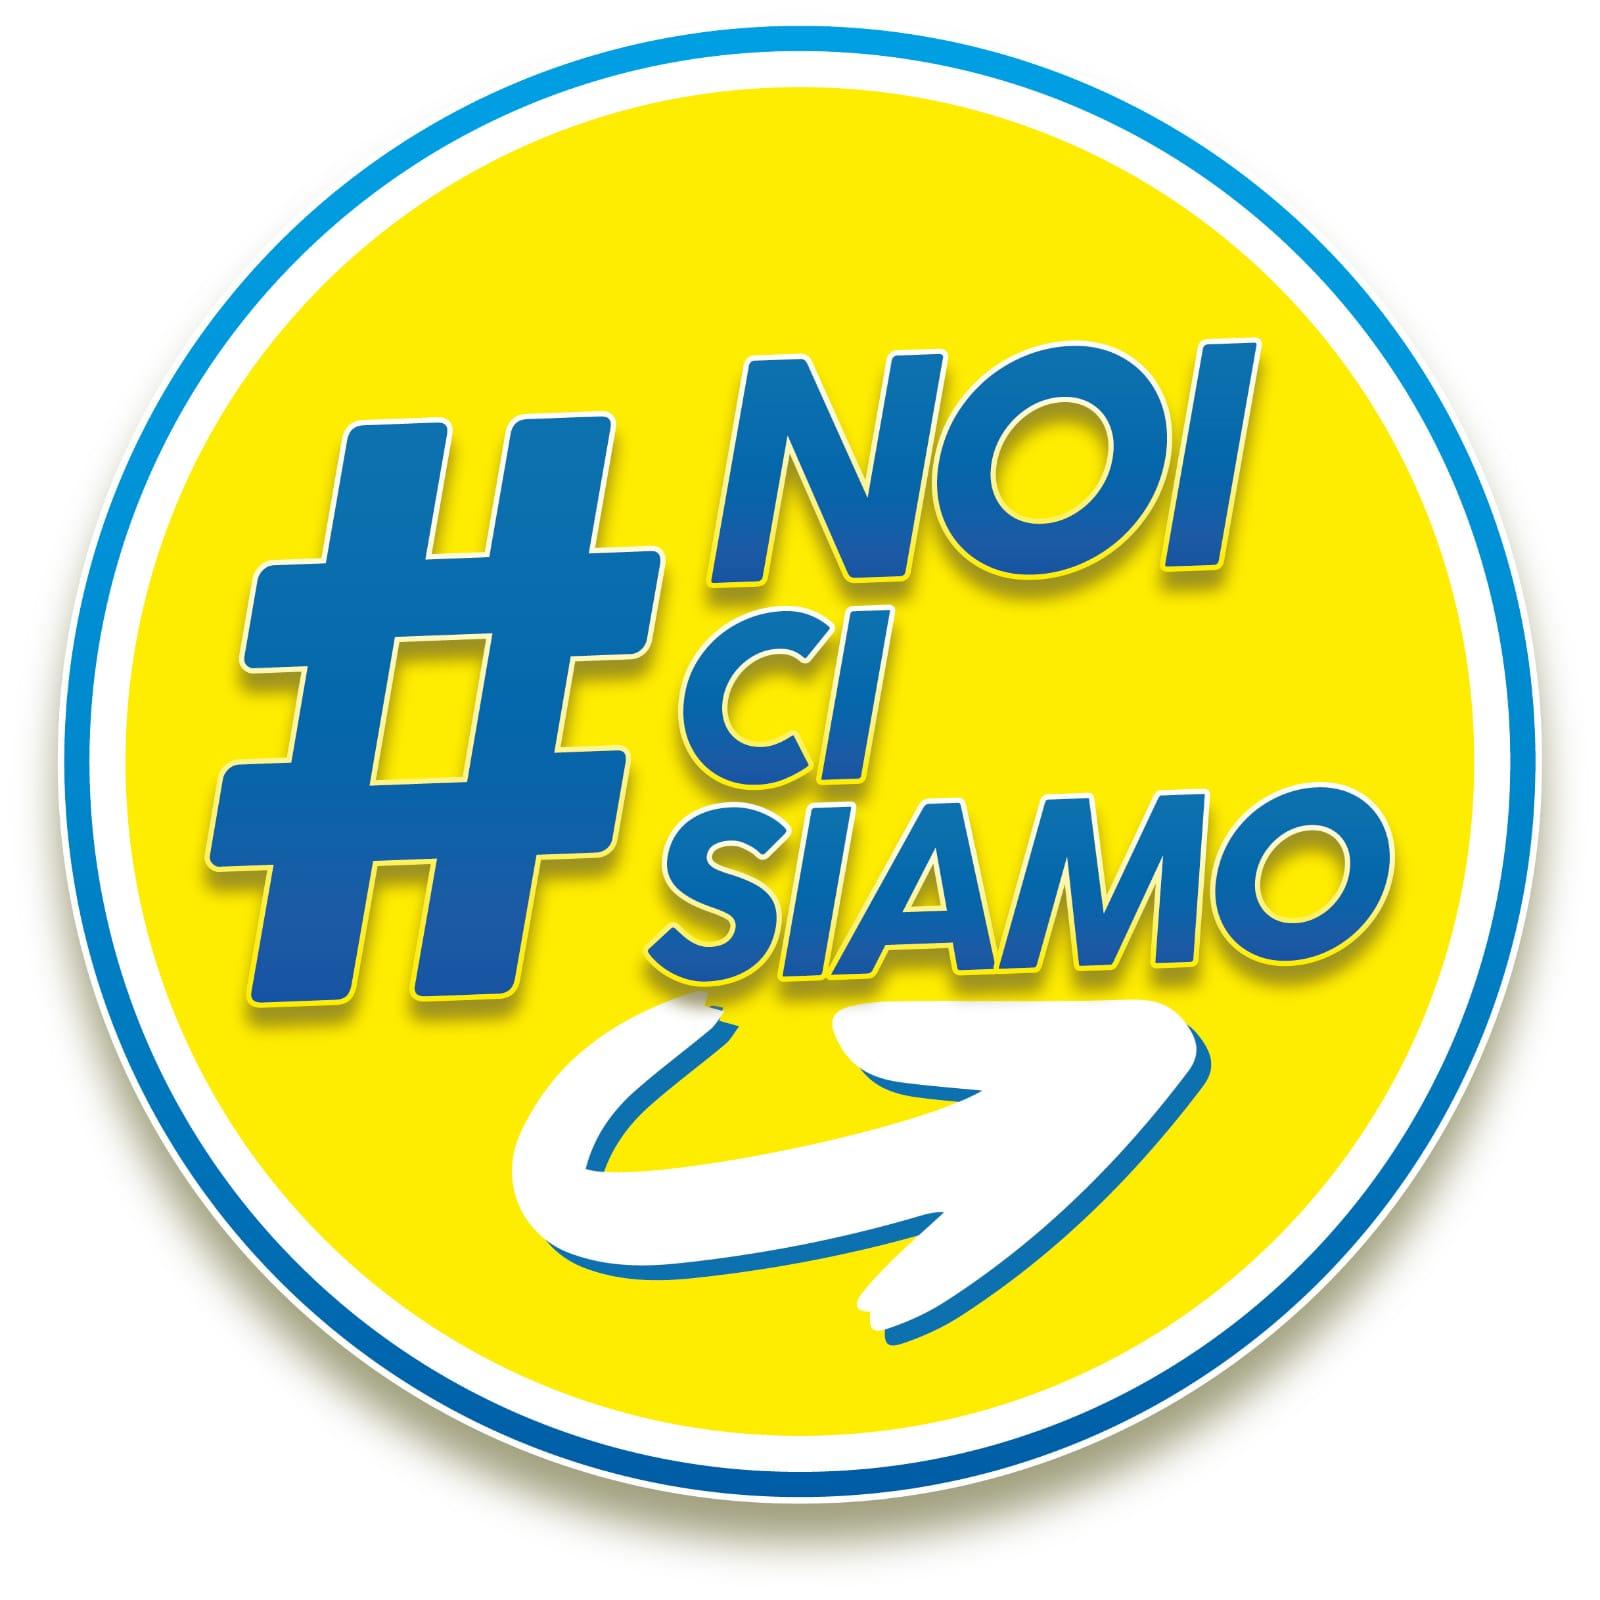 Barcellona P.G. Nuovo simbolo per il gruppo  #Noicisiamo in vista delle amministrative